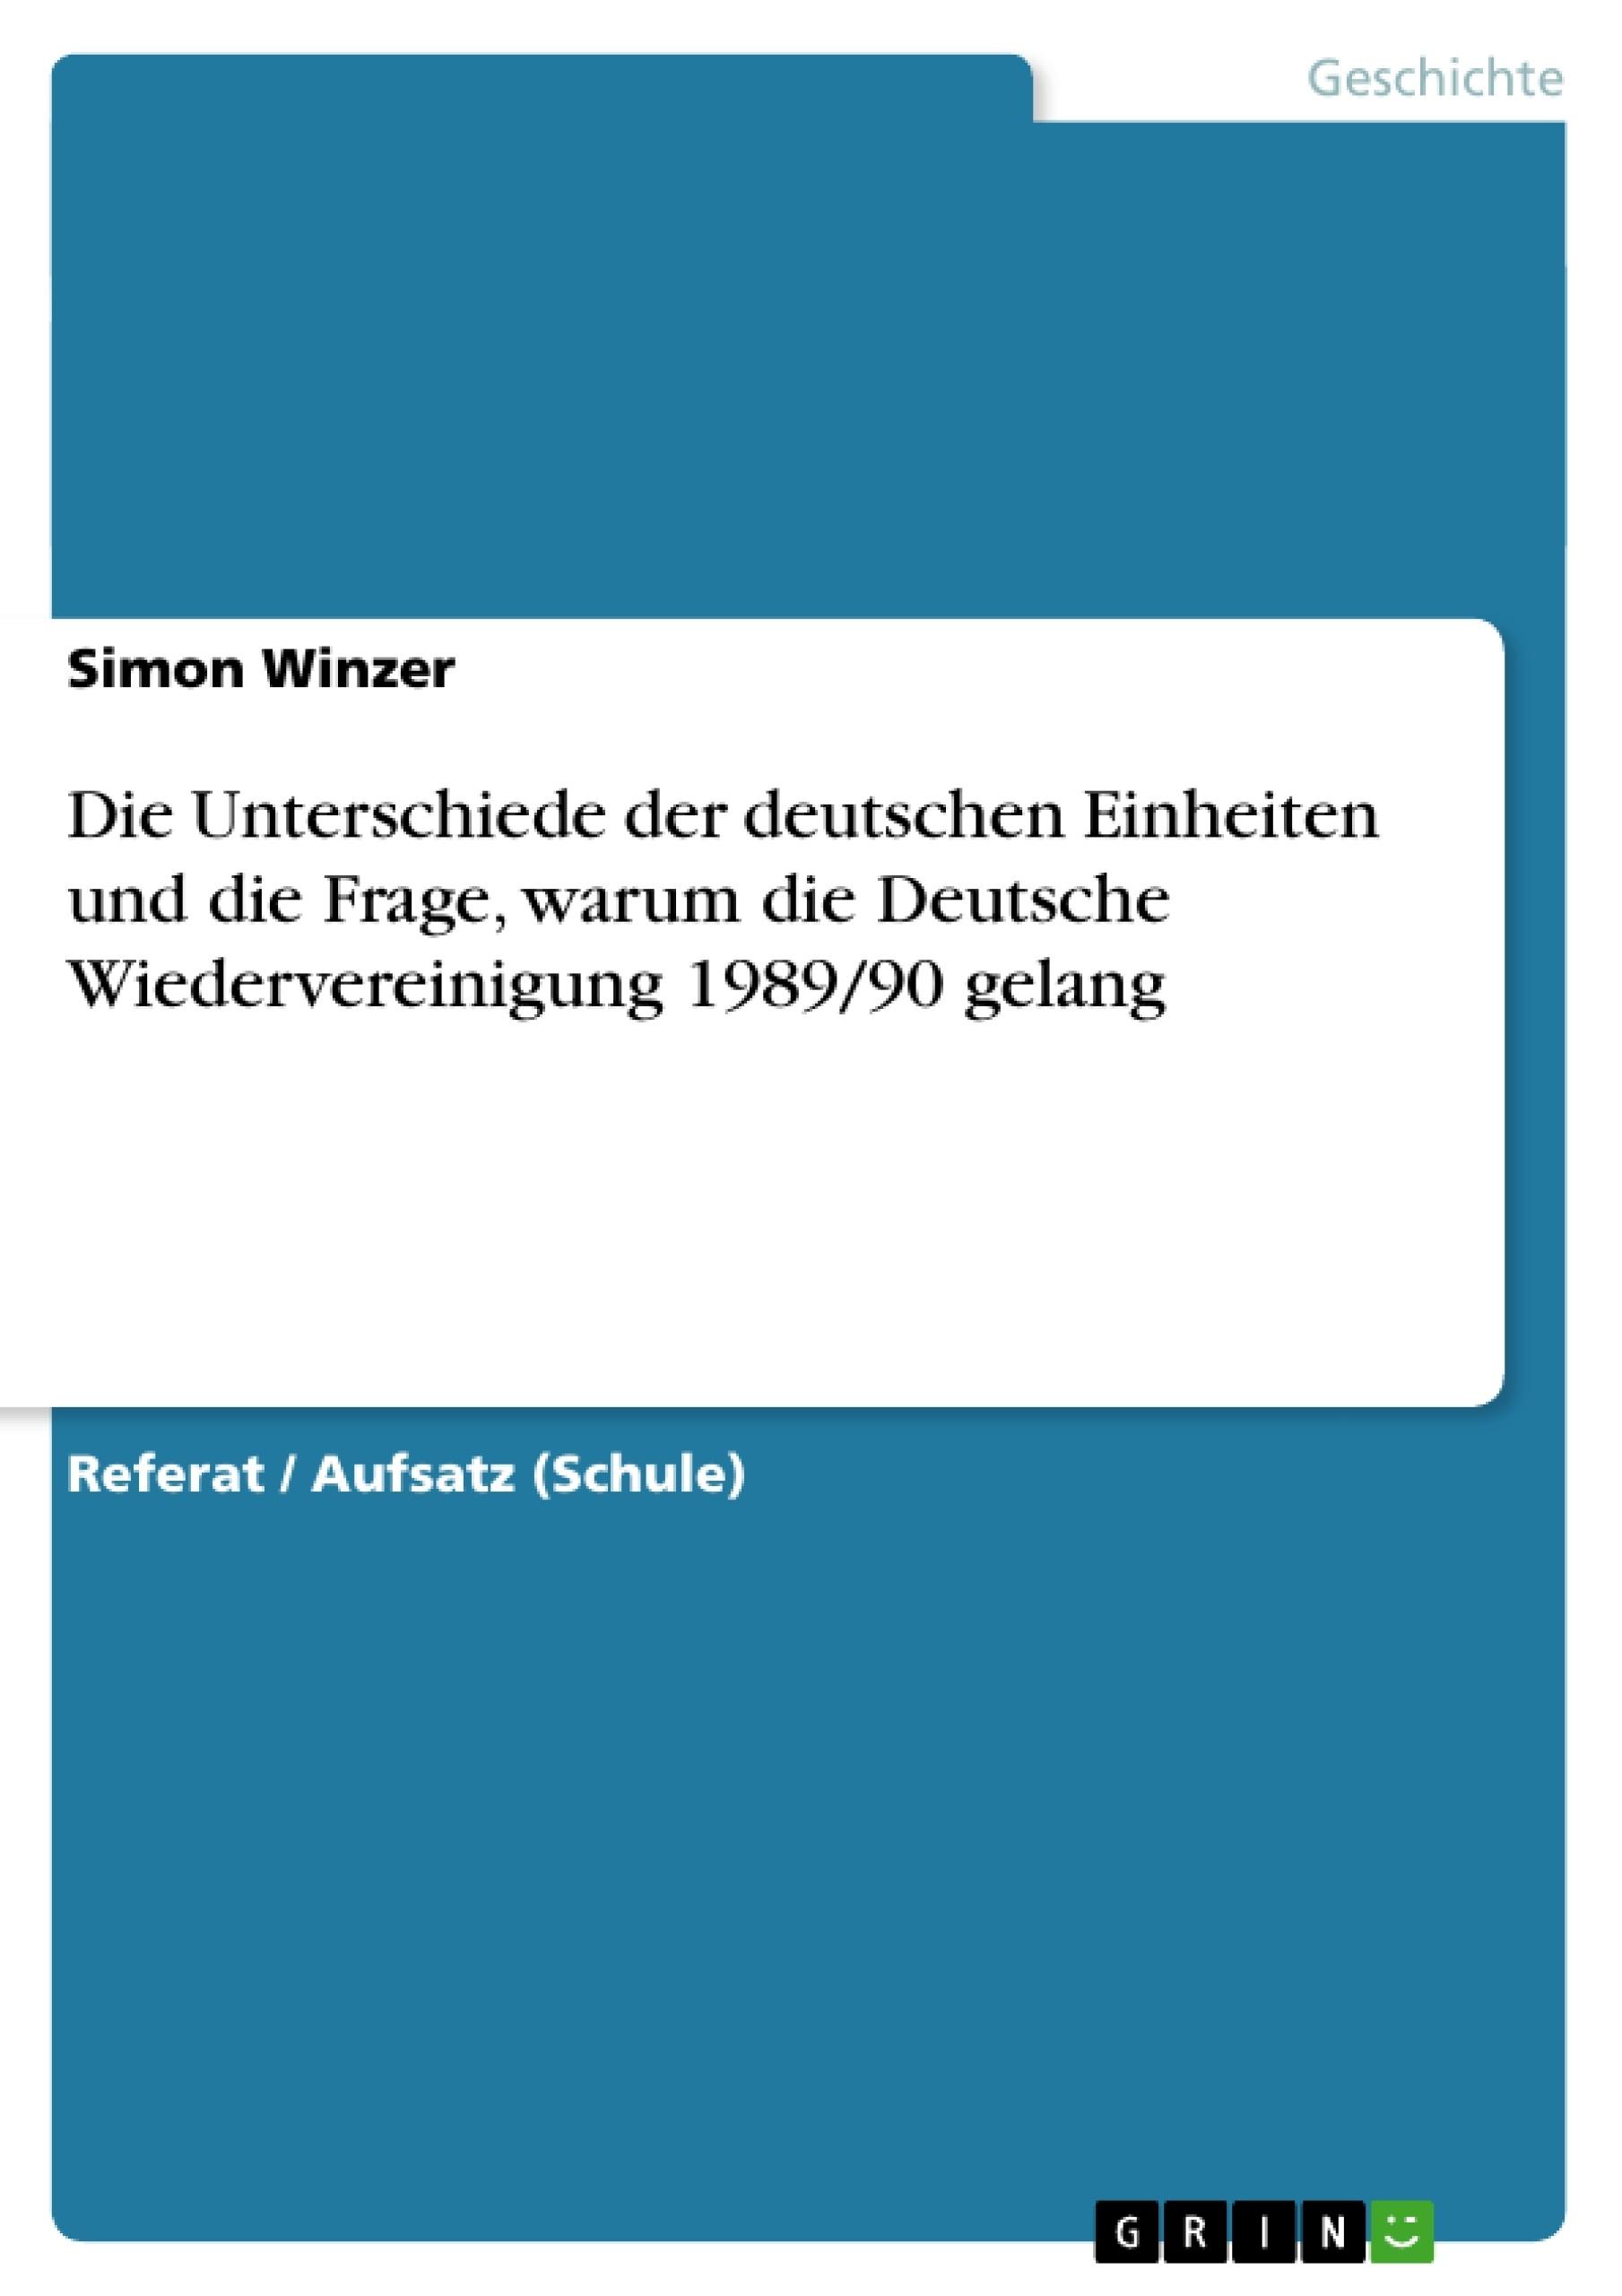 Titel: Die Unterschiede der deutschen Einheiten und die Frage, warum die Deutsche Wiedervereinigung 1989/90 gelang